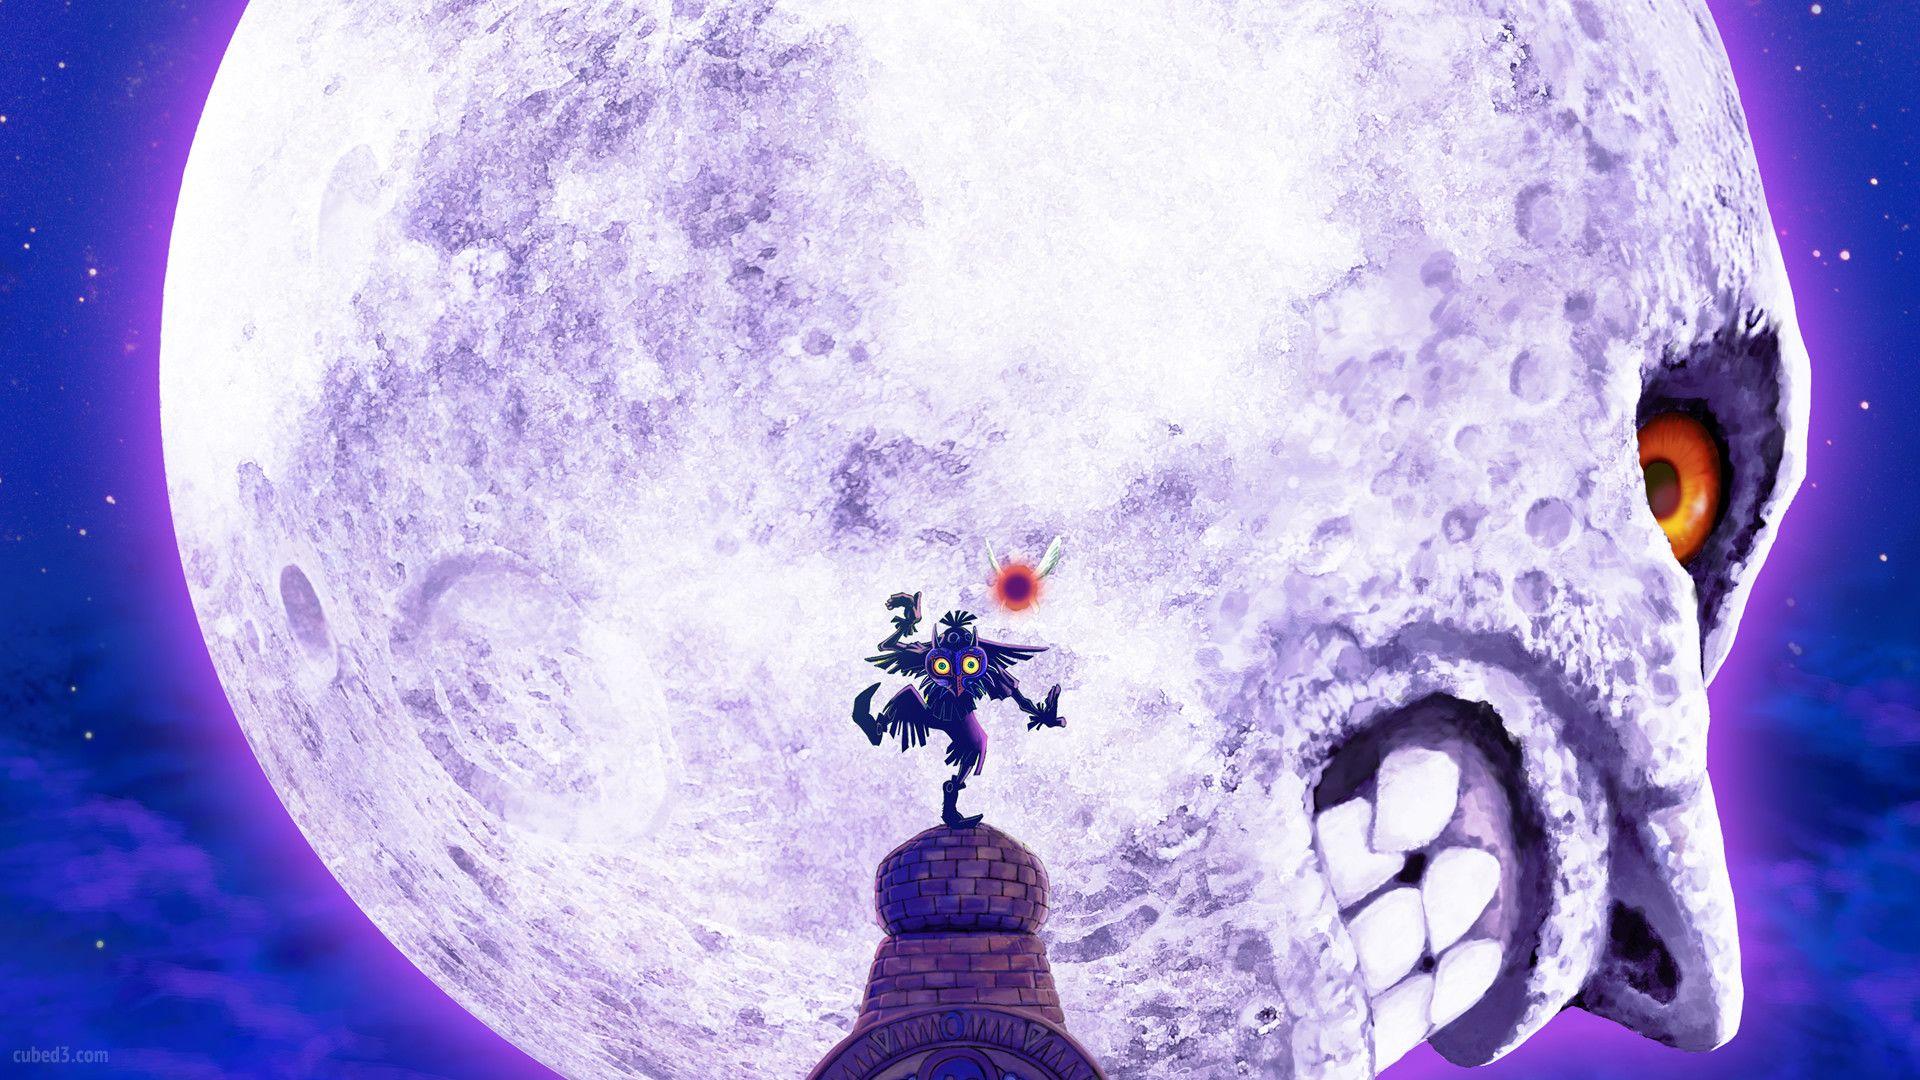 Majorasmask Zelda Skull Kid Moon 3ds Desktop Wallpaper Majoras Mask